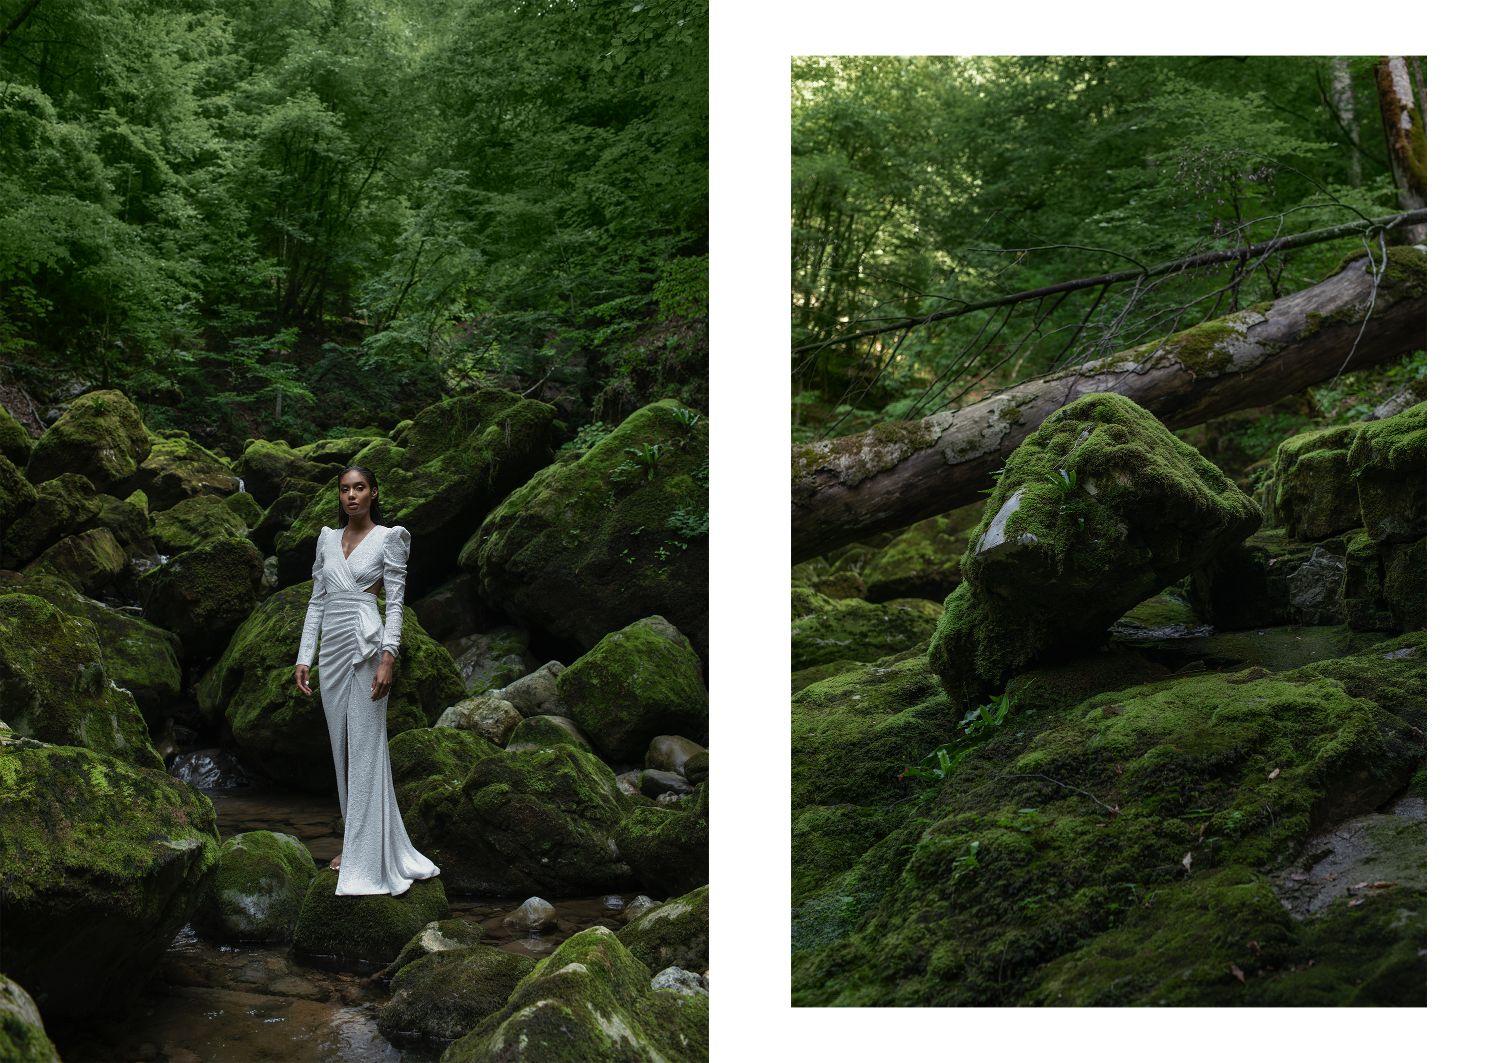 Nova kolekcija eNVy room vjenčanica predstavlja elegantan odmak od klasike